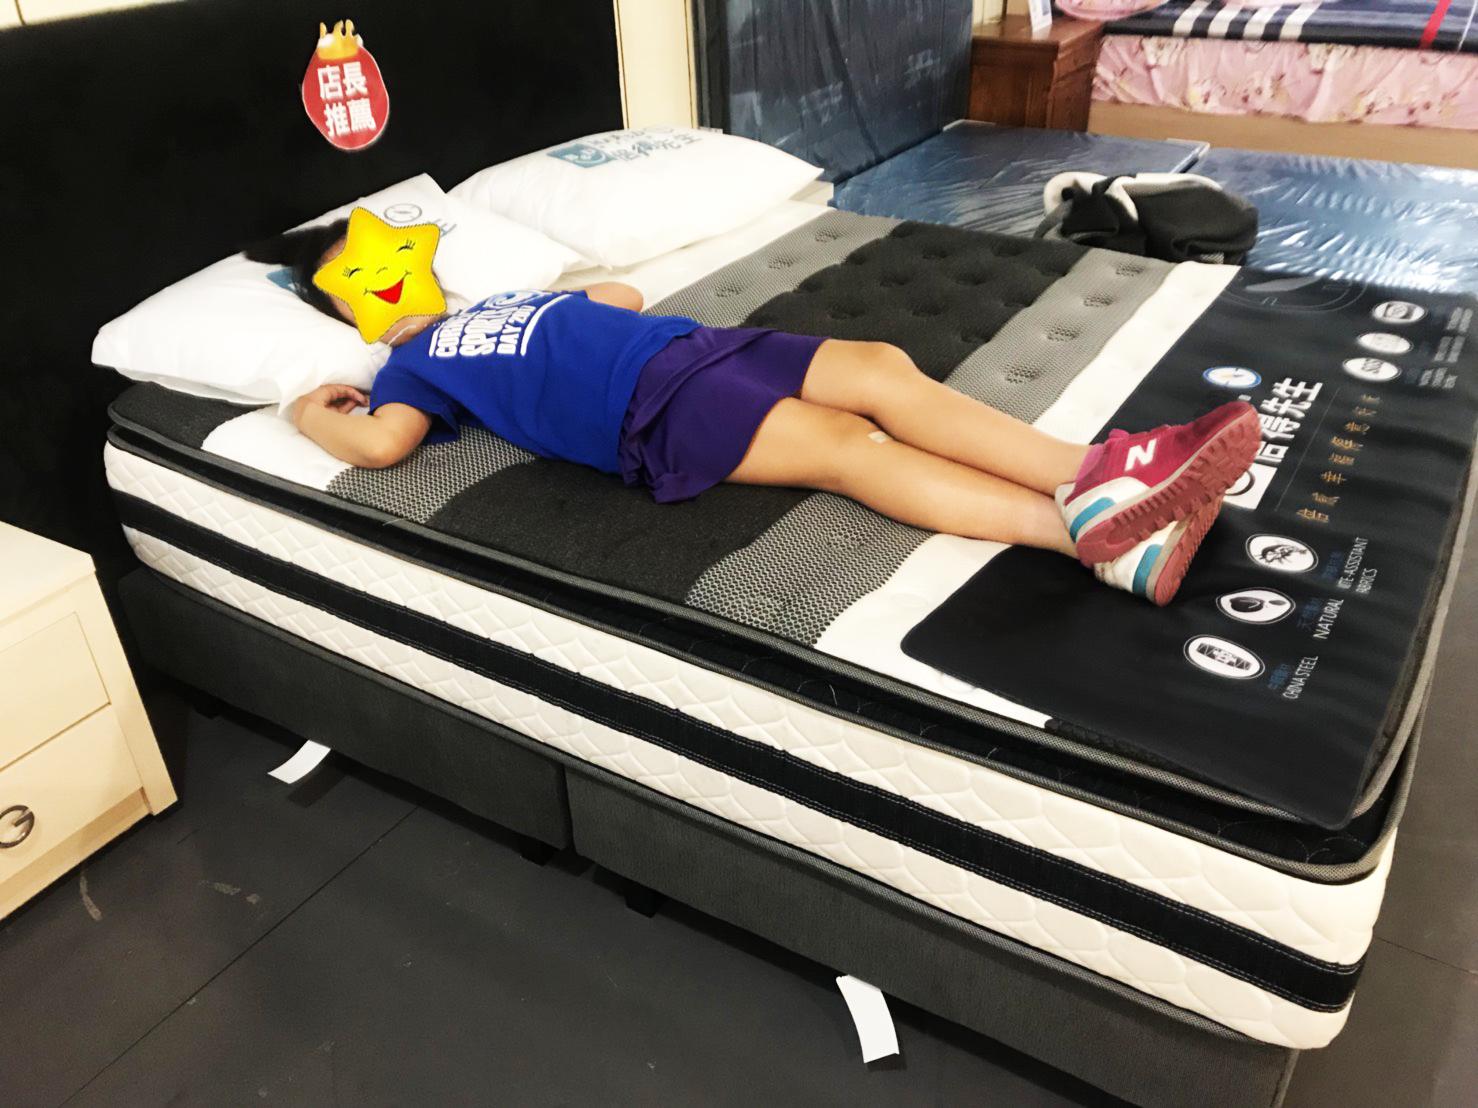 0-12歲兒童床墊要柔軟 牢固而富有彈性 一般選擇兒童床墊都得遵循一個原則,那就是要軟硬適中。  對於0-12歲的兒童來說,最適合床墊應該是由柔軟的上、下層和結實、牢固而富有彈性的中間層組成。